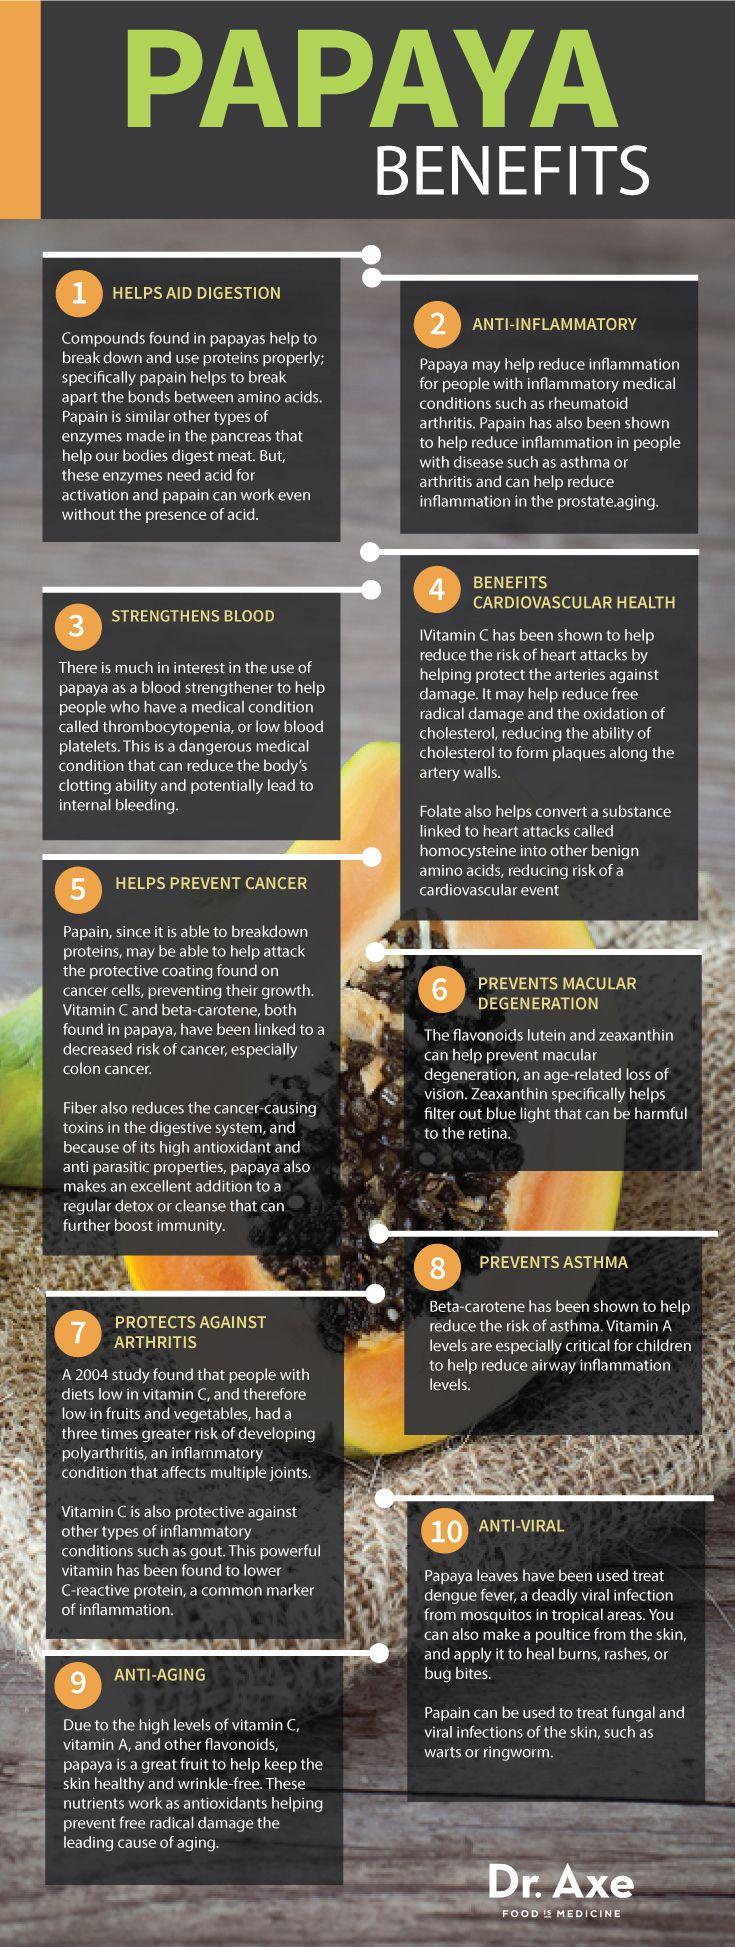 Papaya Benefits, Nutrition & Recipes: Helps the Body Detox